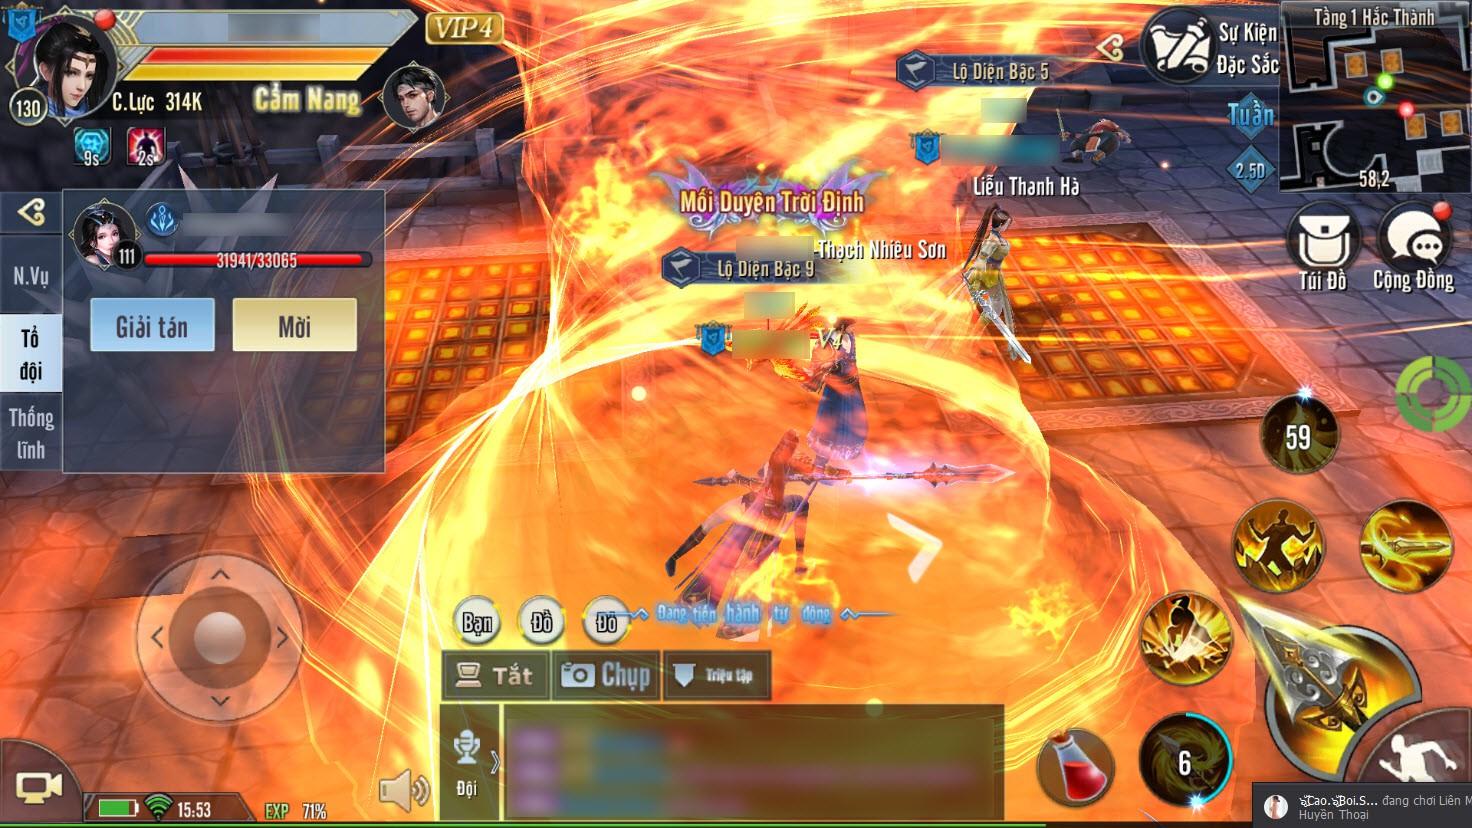 """Cẩm Y Vệ: Mẹo """"hack"""" exp ầm ầm cho các game thủ dưới level 120 - Ảnh 4."""